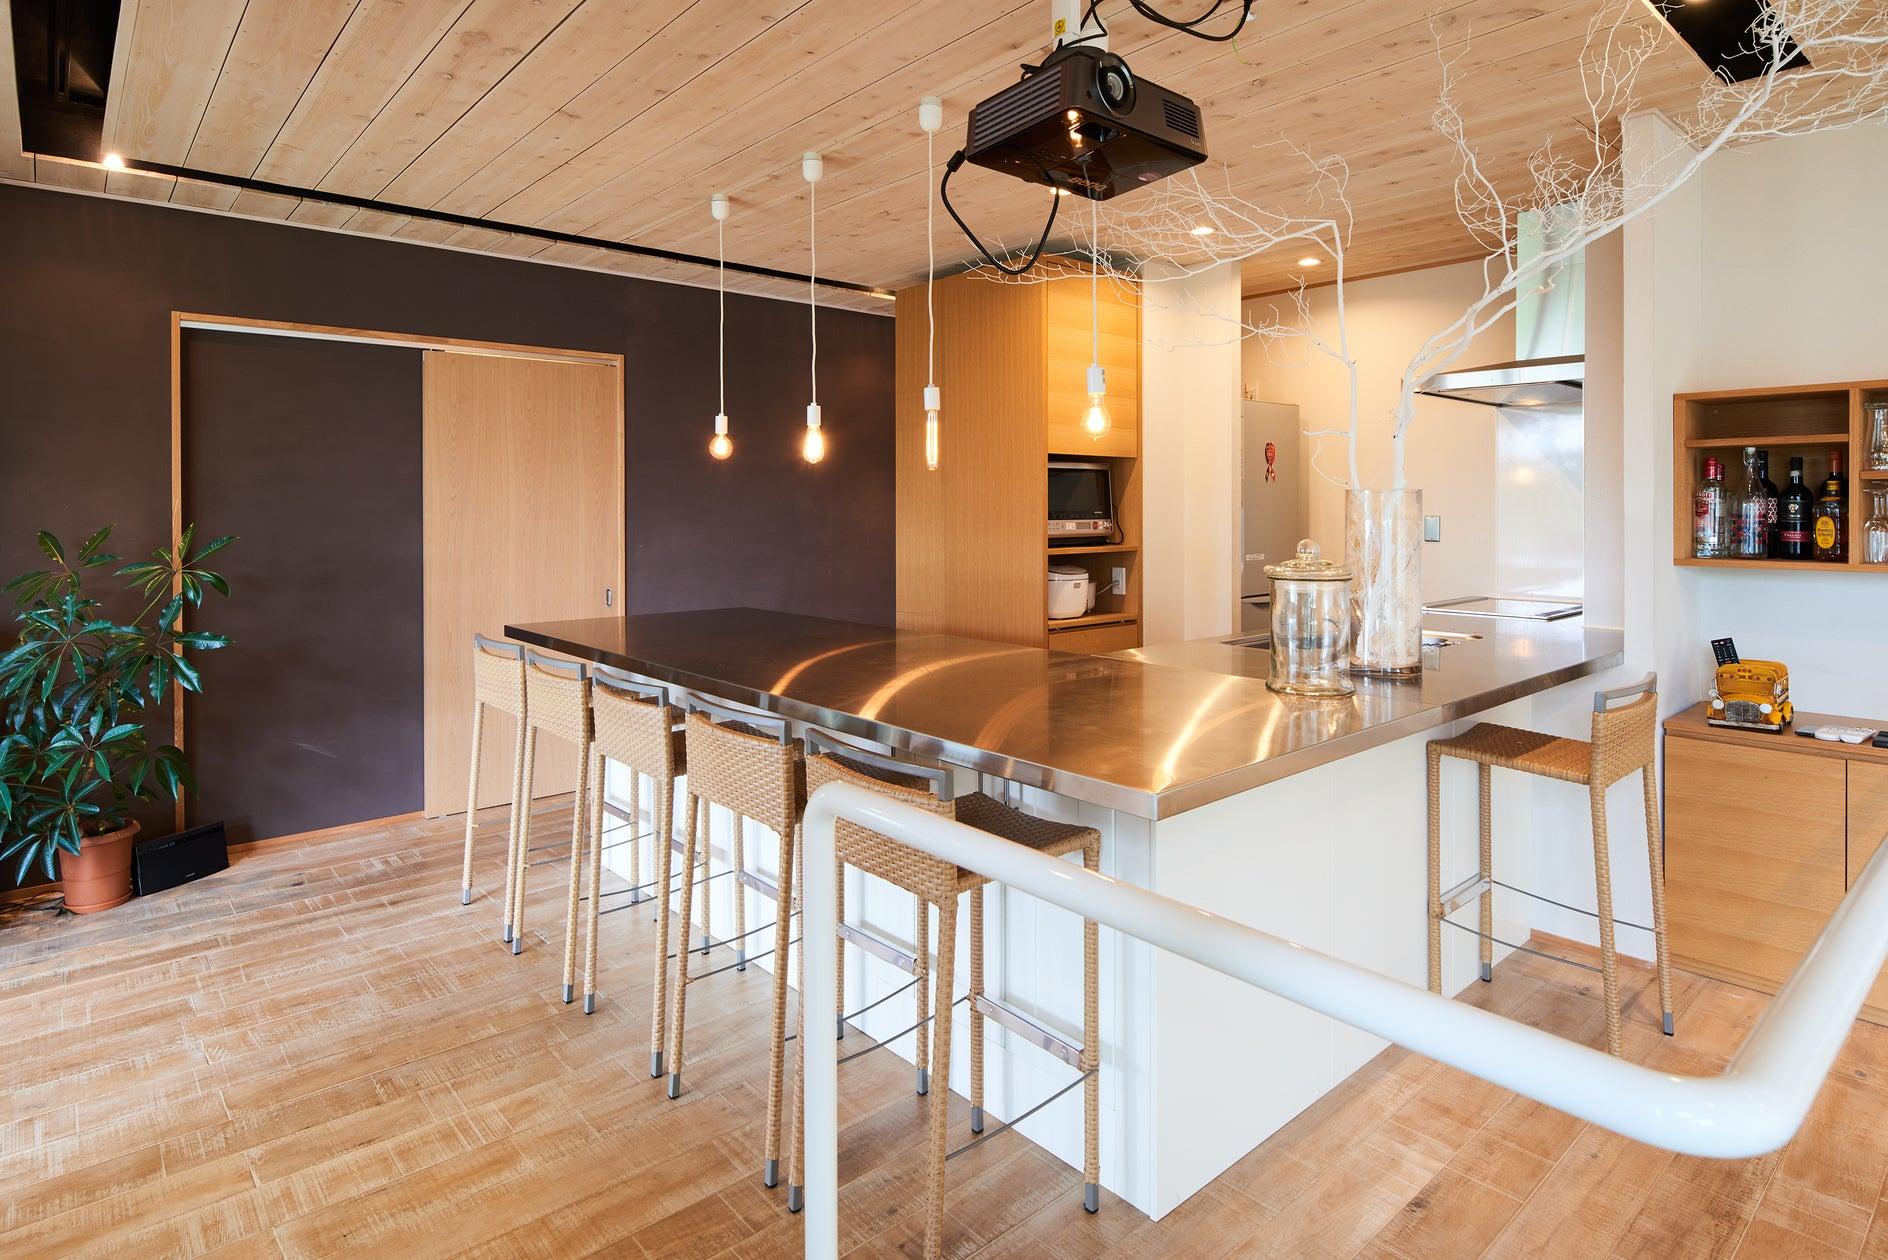 広々としたキッチンスペースにカウンターチェア6席完備。 料理器具の貸し出しもしているので、大勢でのパーティも可能です。料理自慢の腕のみせどころです。